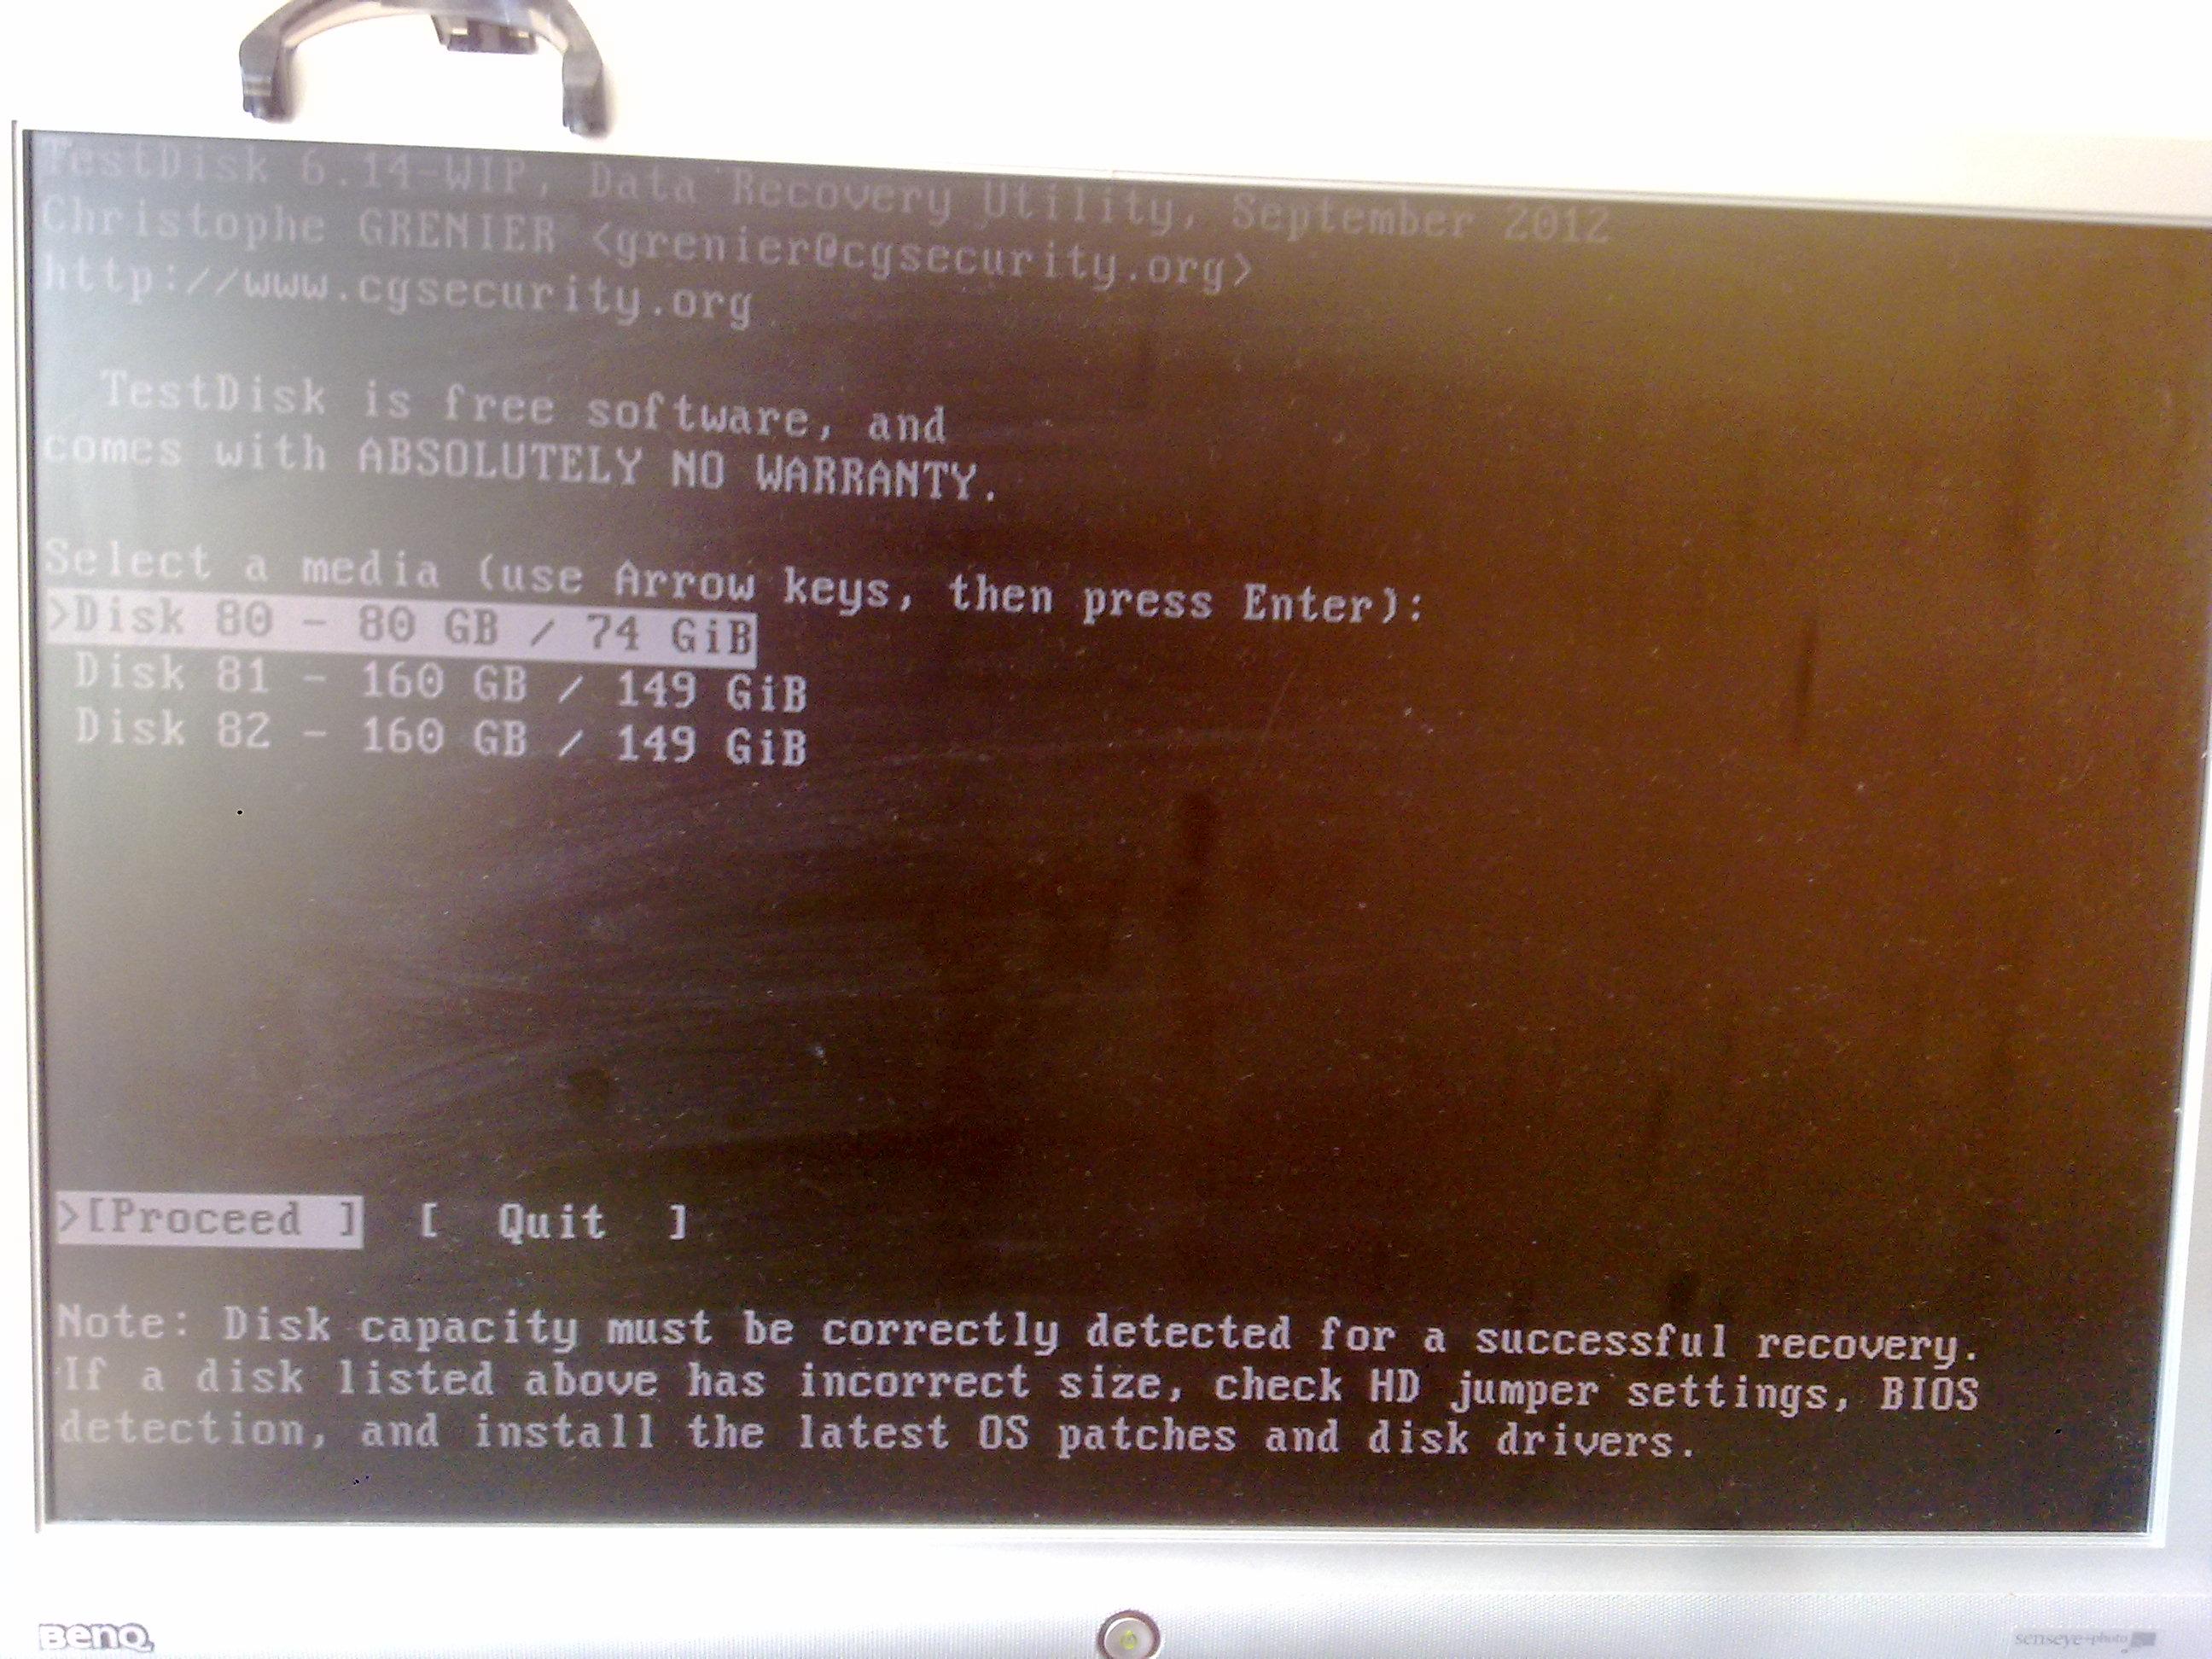 TestDisk - instrukcja co dalej robi�